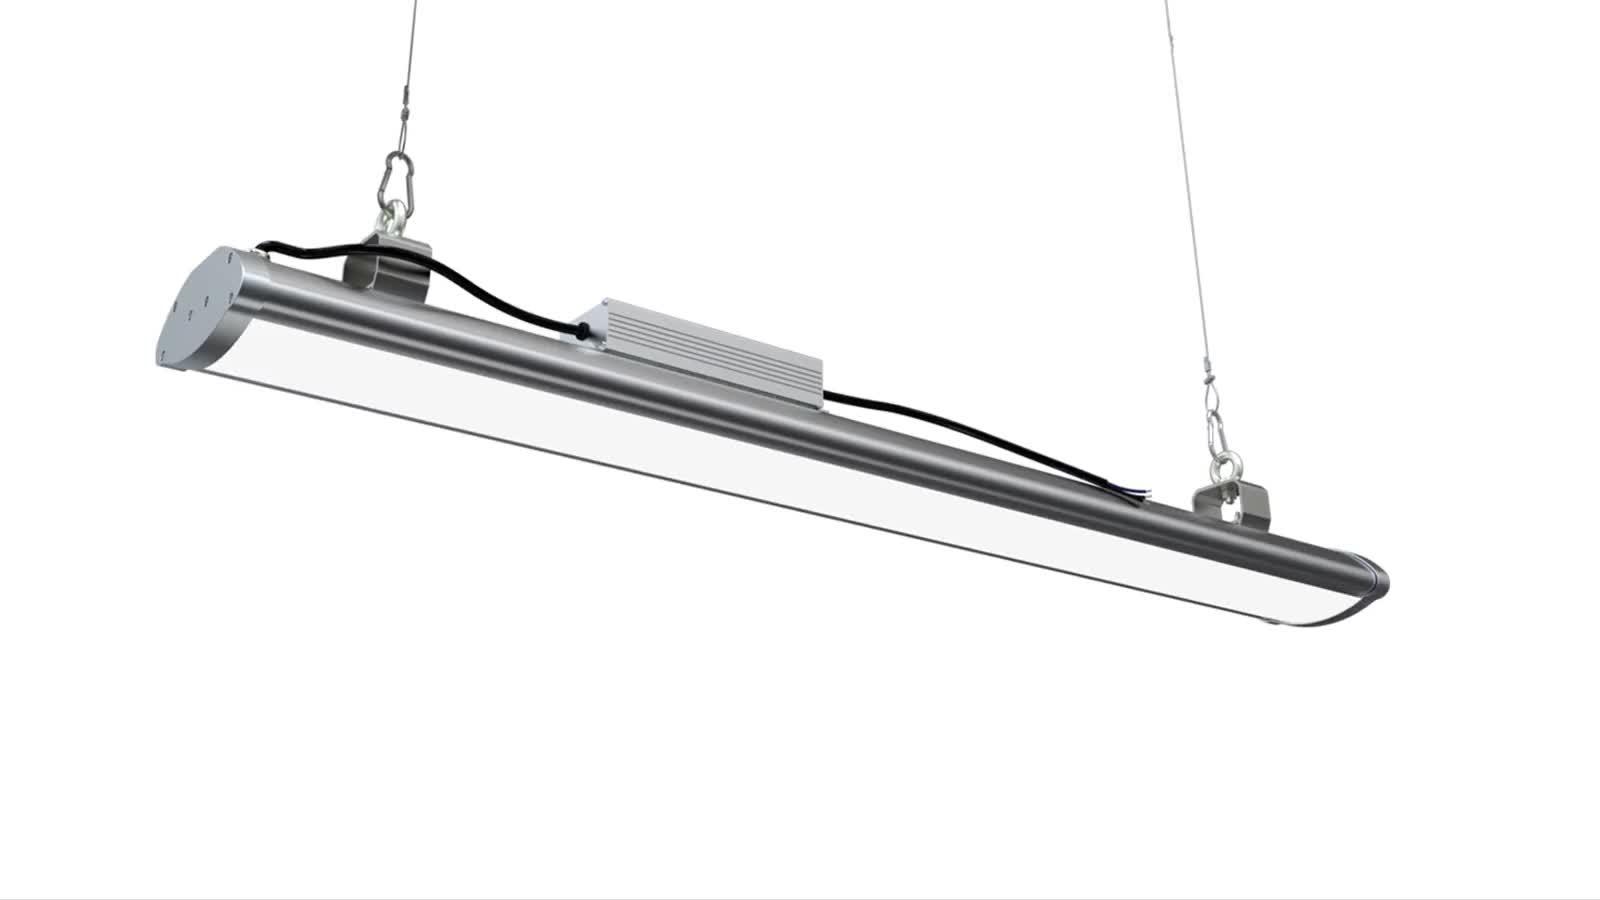 Stadium Lighting Ik10 Heat Resistant Light Fixture With